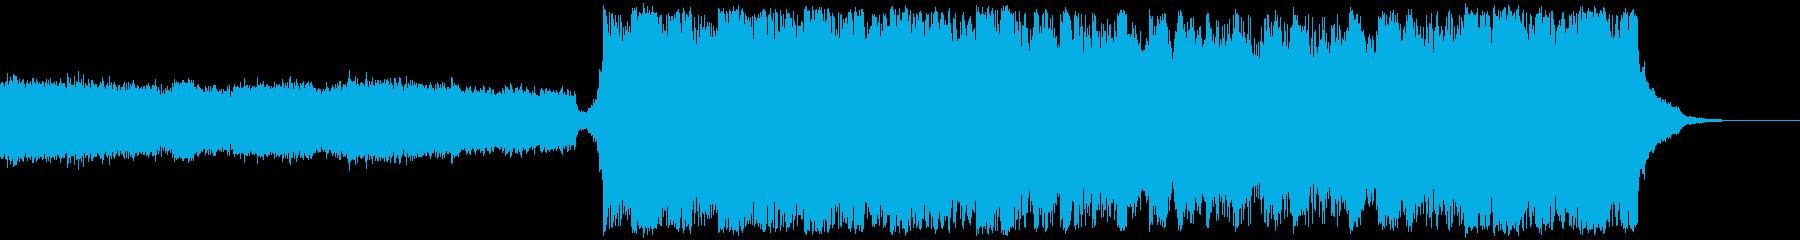 緊迫・EPIC・オケの再生済みの波形